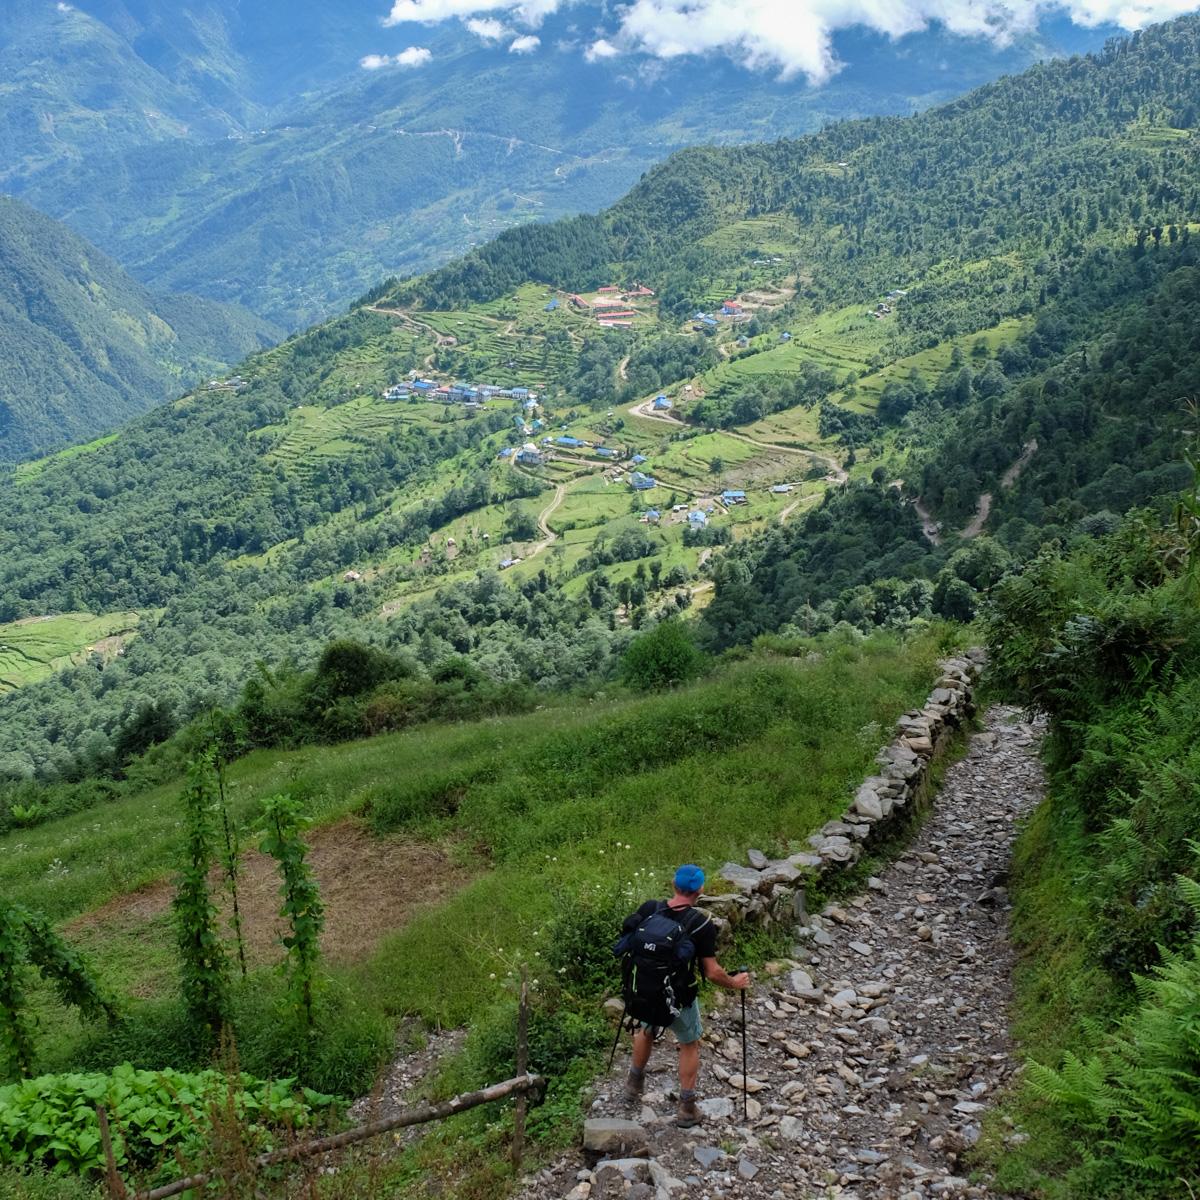 Route du Khumbu, Everest 3 pass #1 18